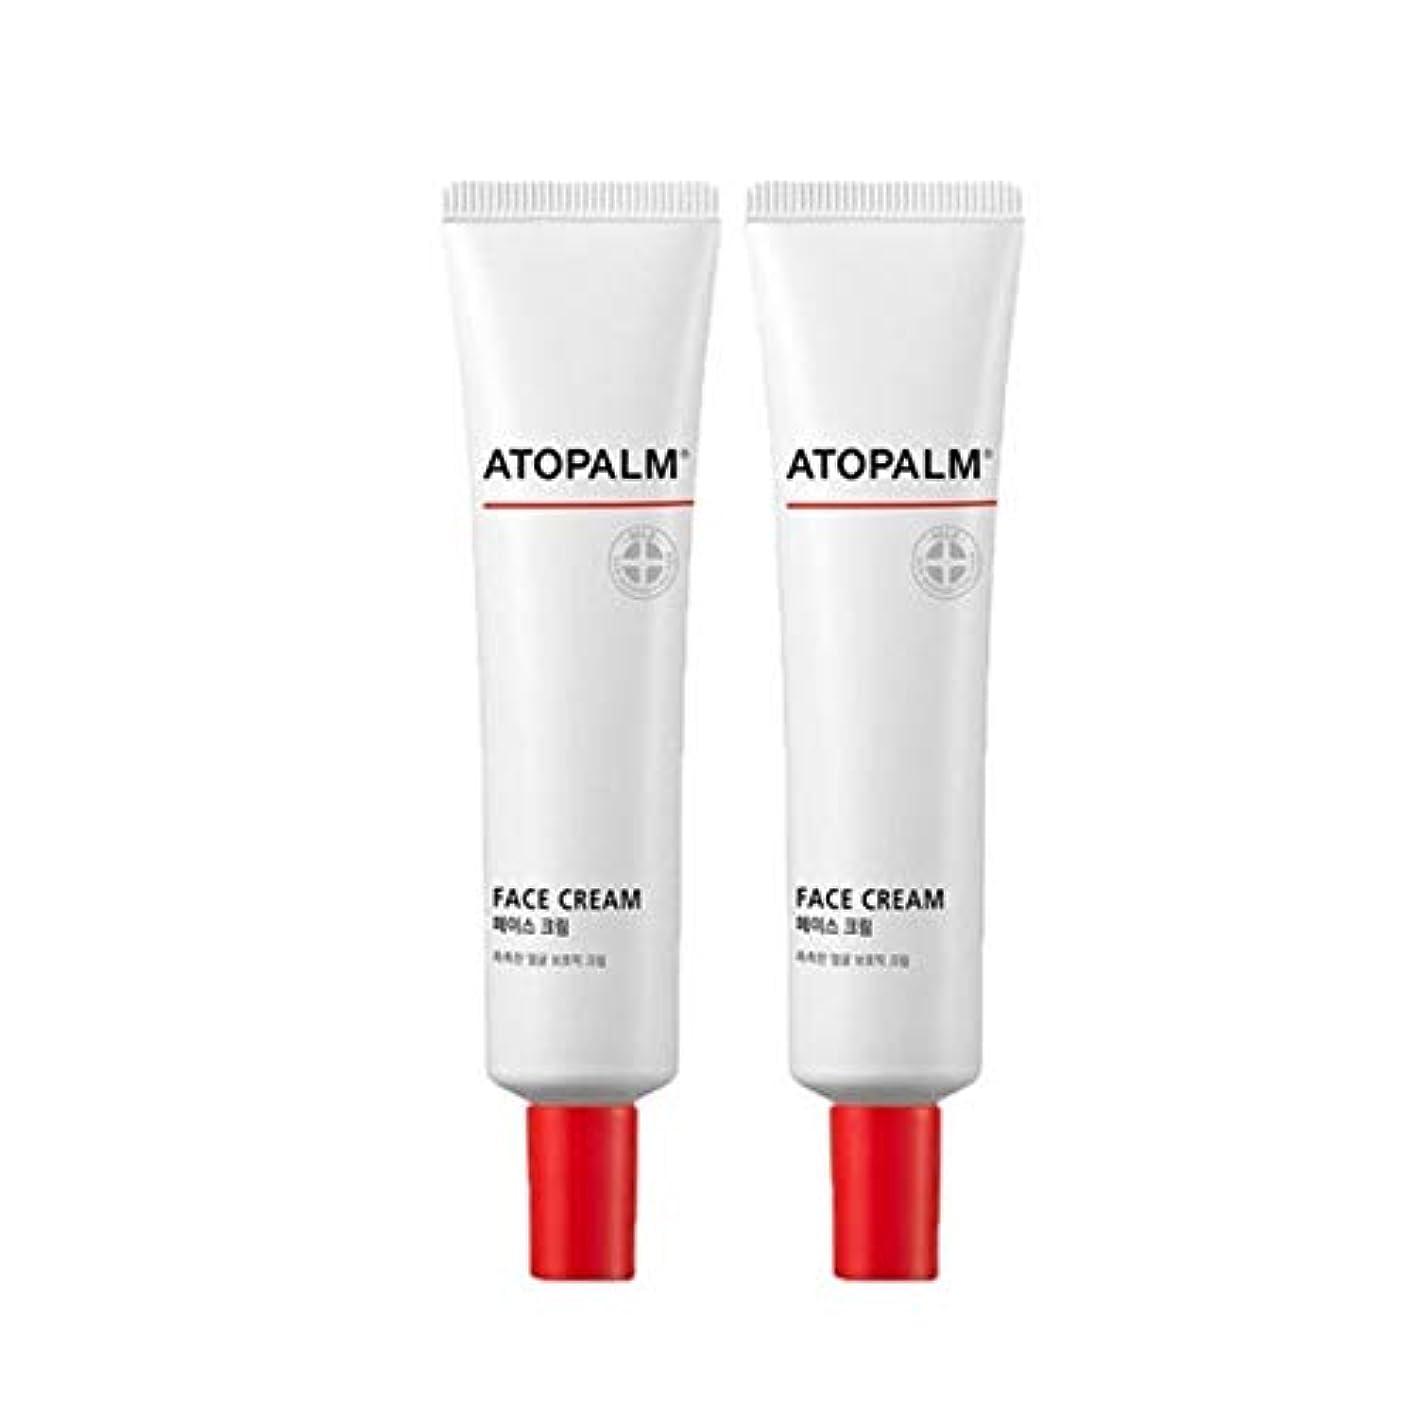 比類なきビーム凝視アトパムフェイスクリーム35mlx2本セット韓国コスメ、Atopalm Face Cream 35ml x 2ea Set Korean Cosmetics [並行輸入品]